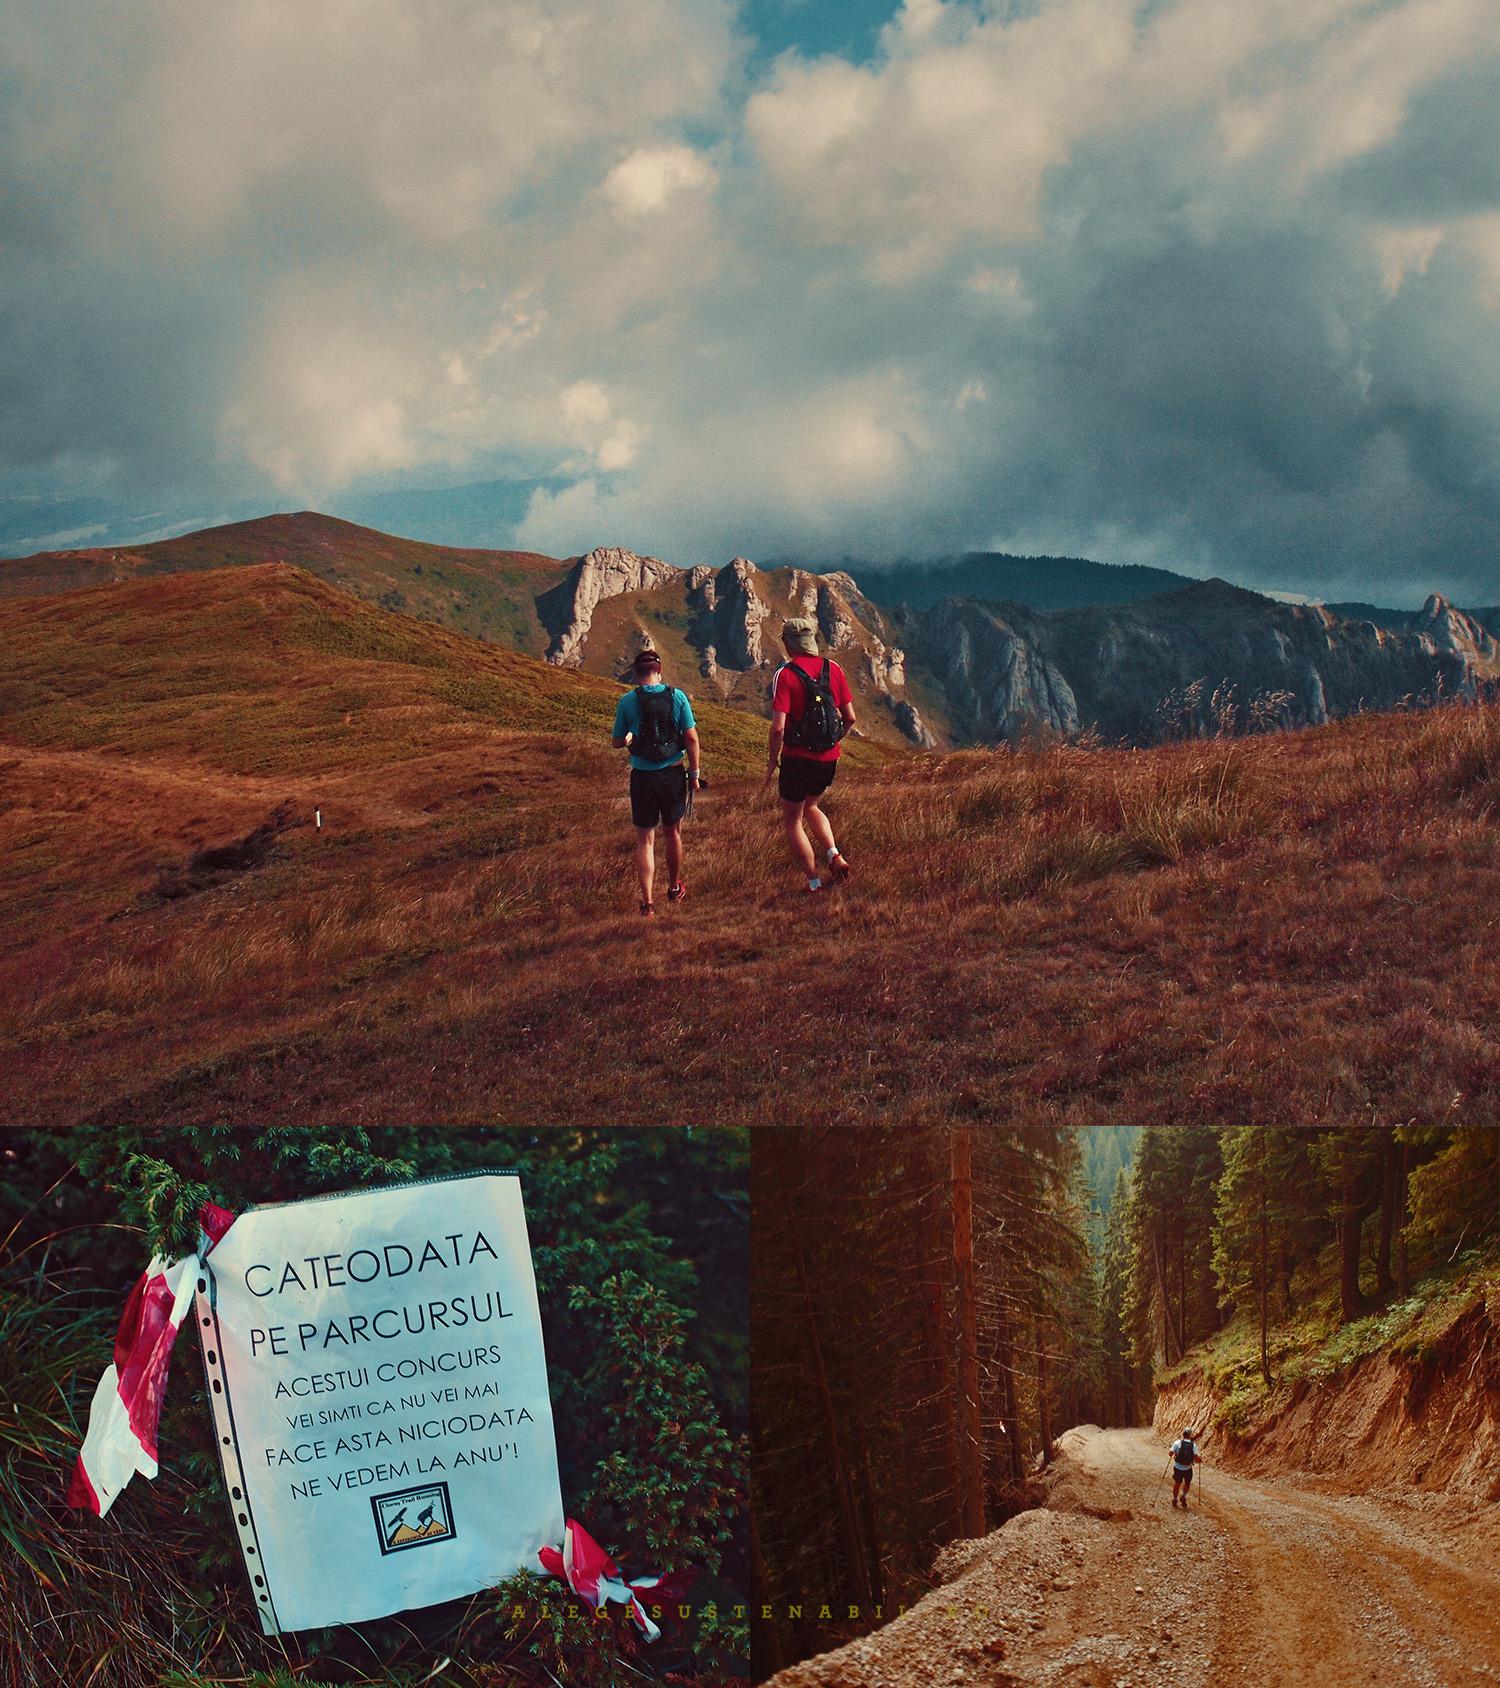 maratonulul montan ciucas - alergare montana in romania